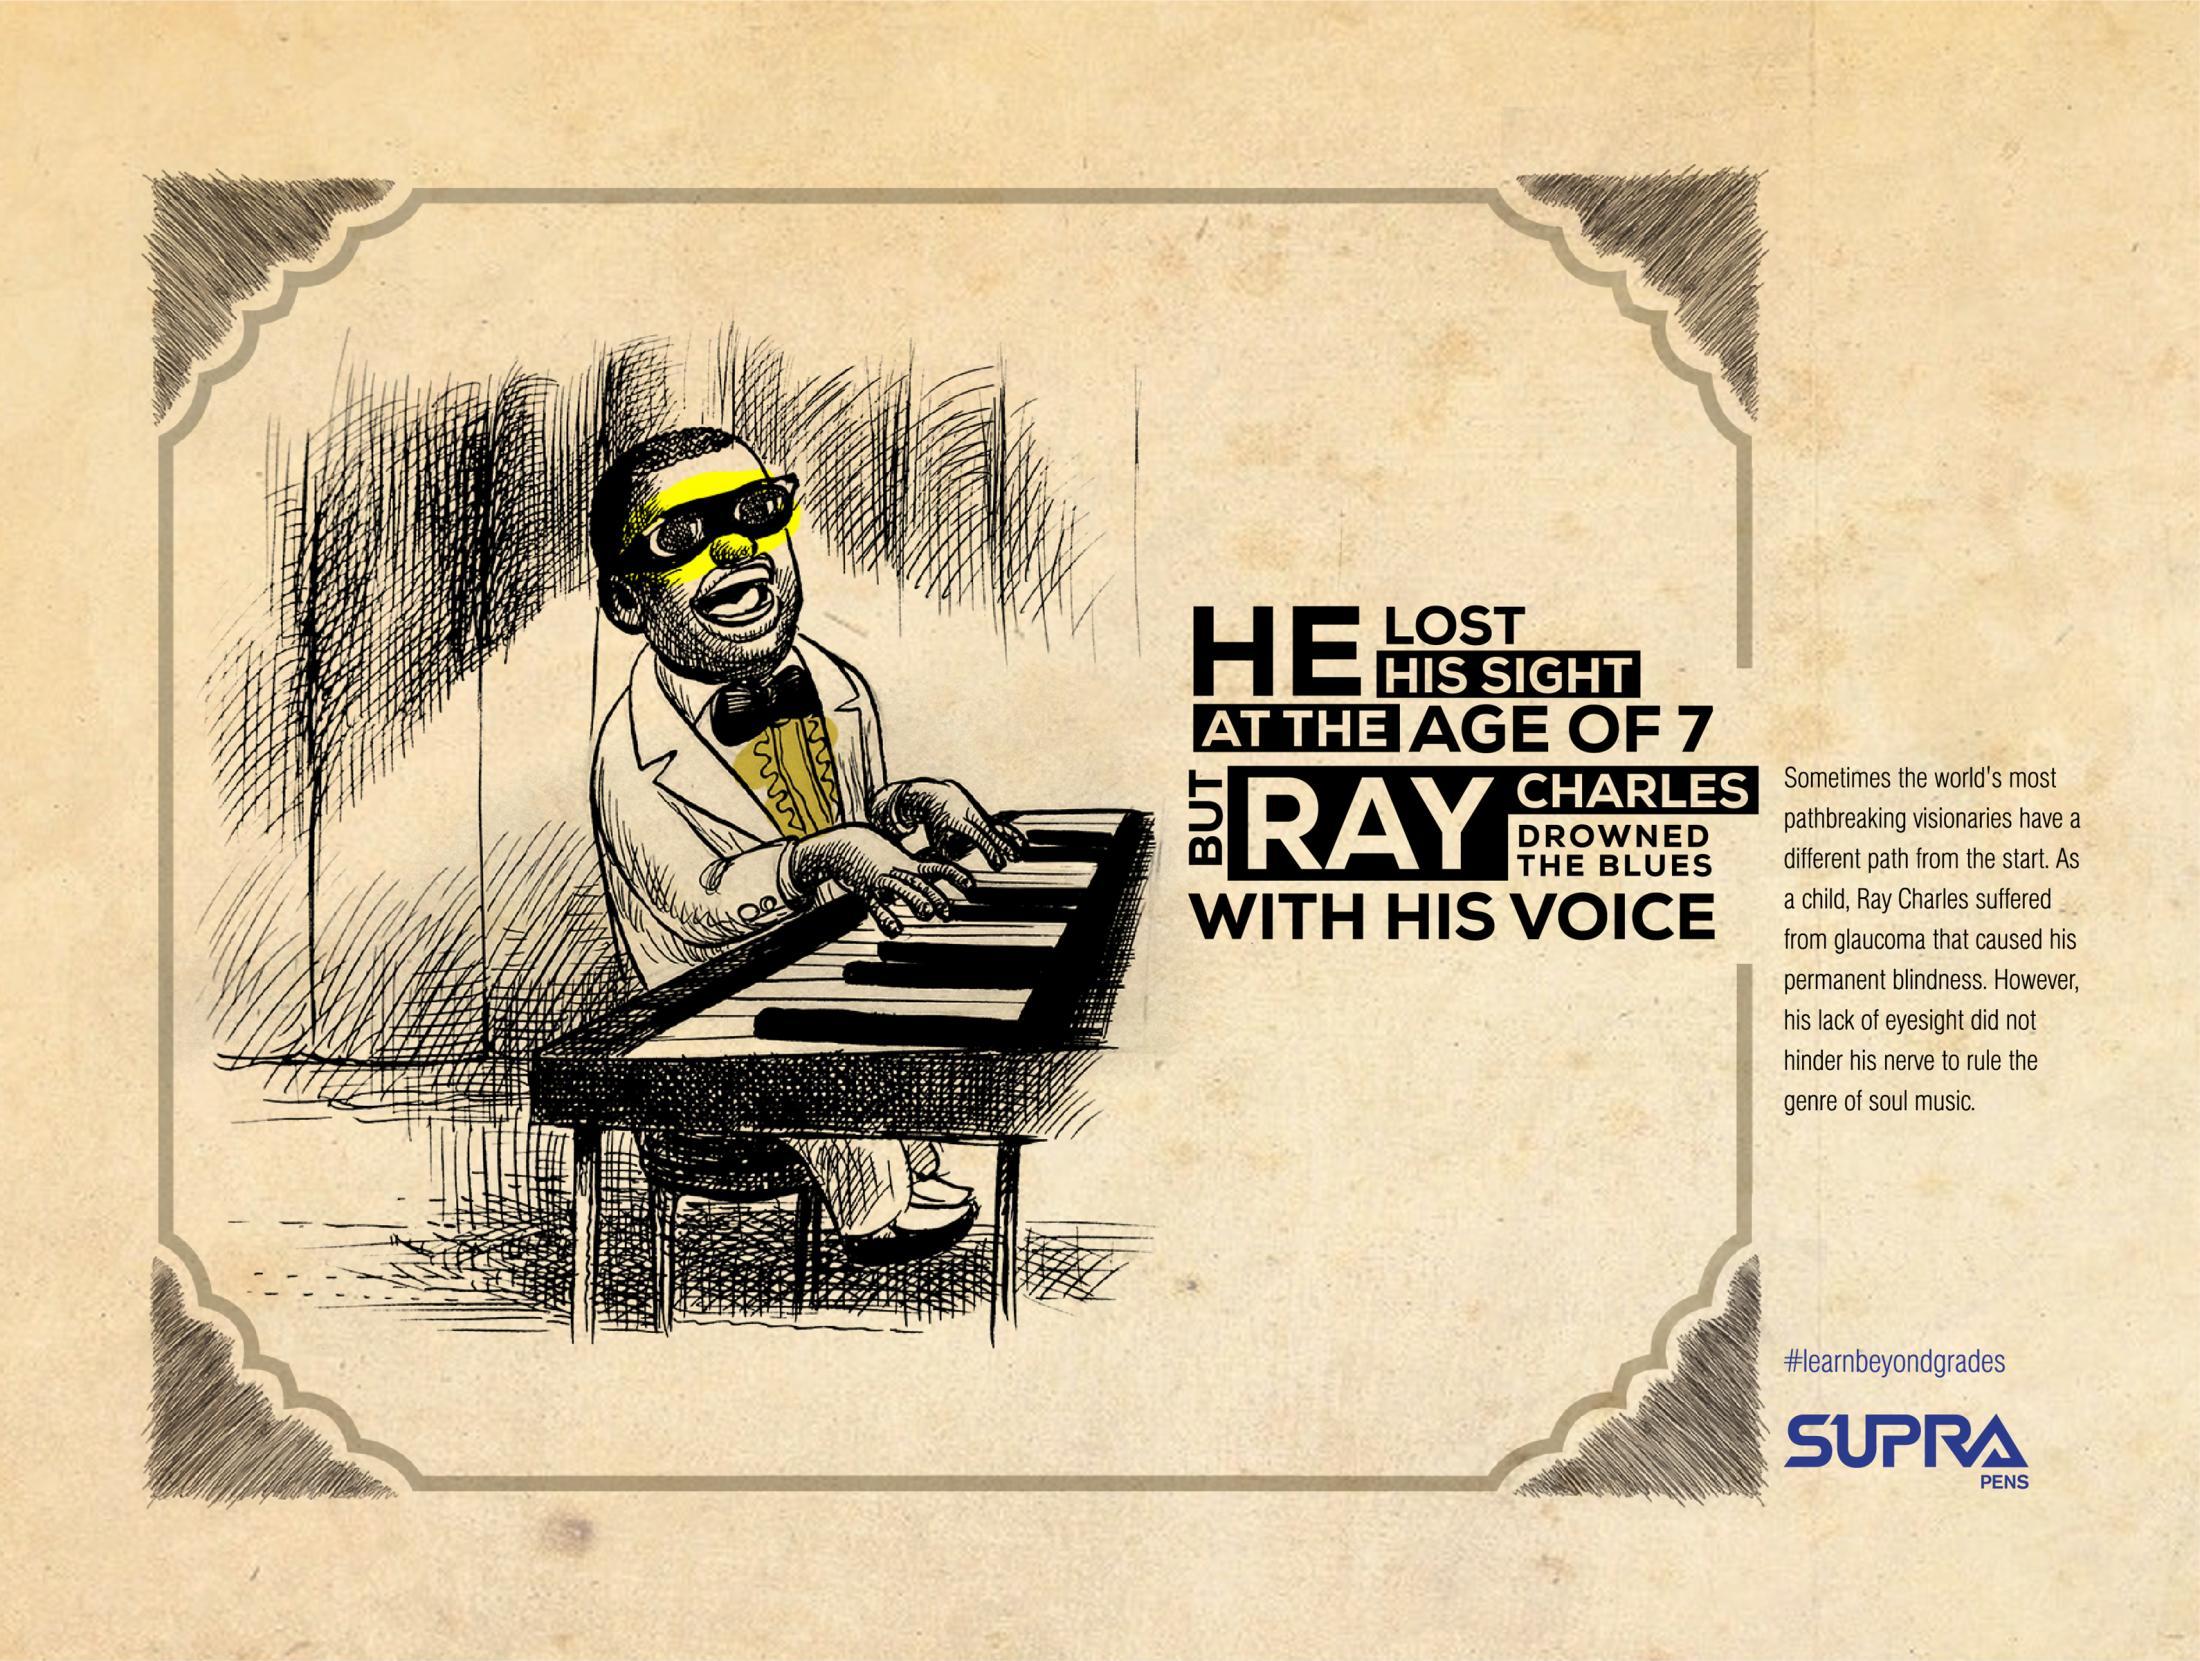 Supra Pens Digital Ad - Ray Charles